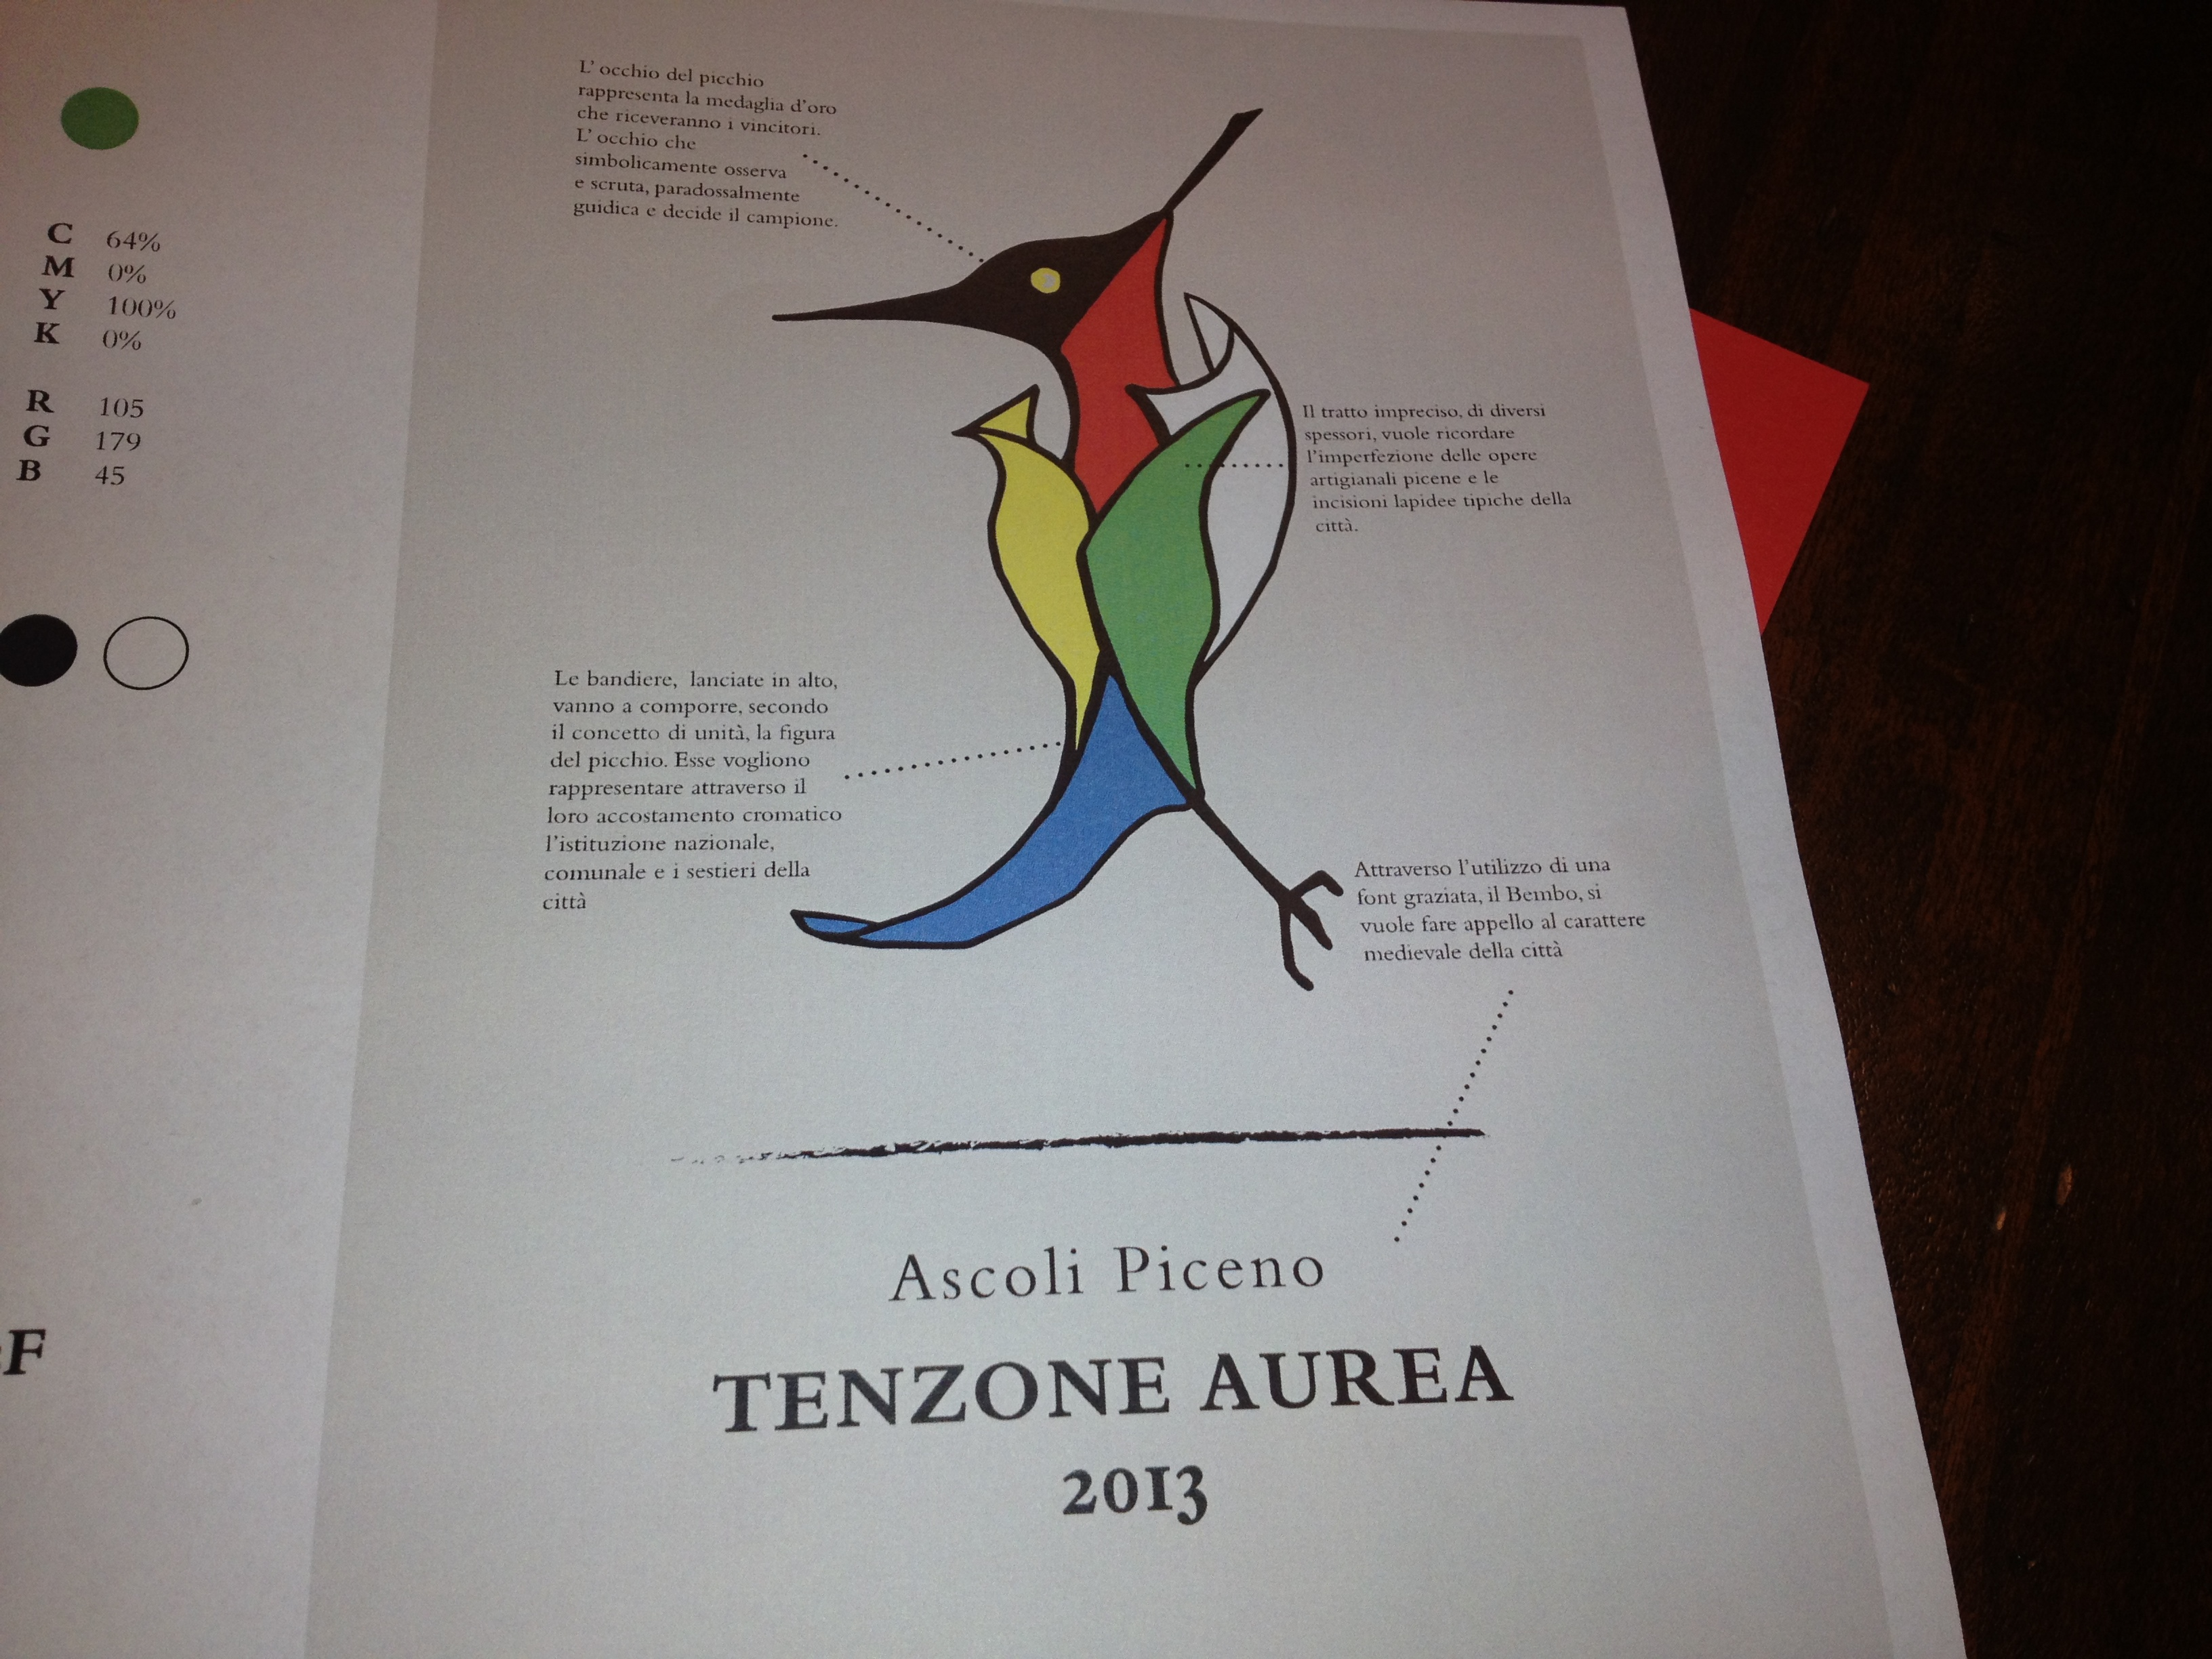 il logo vincitore della tenzone aurea